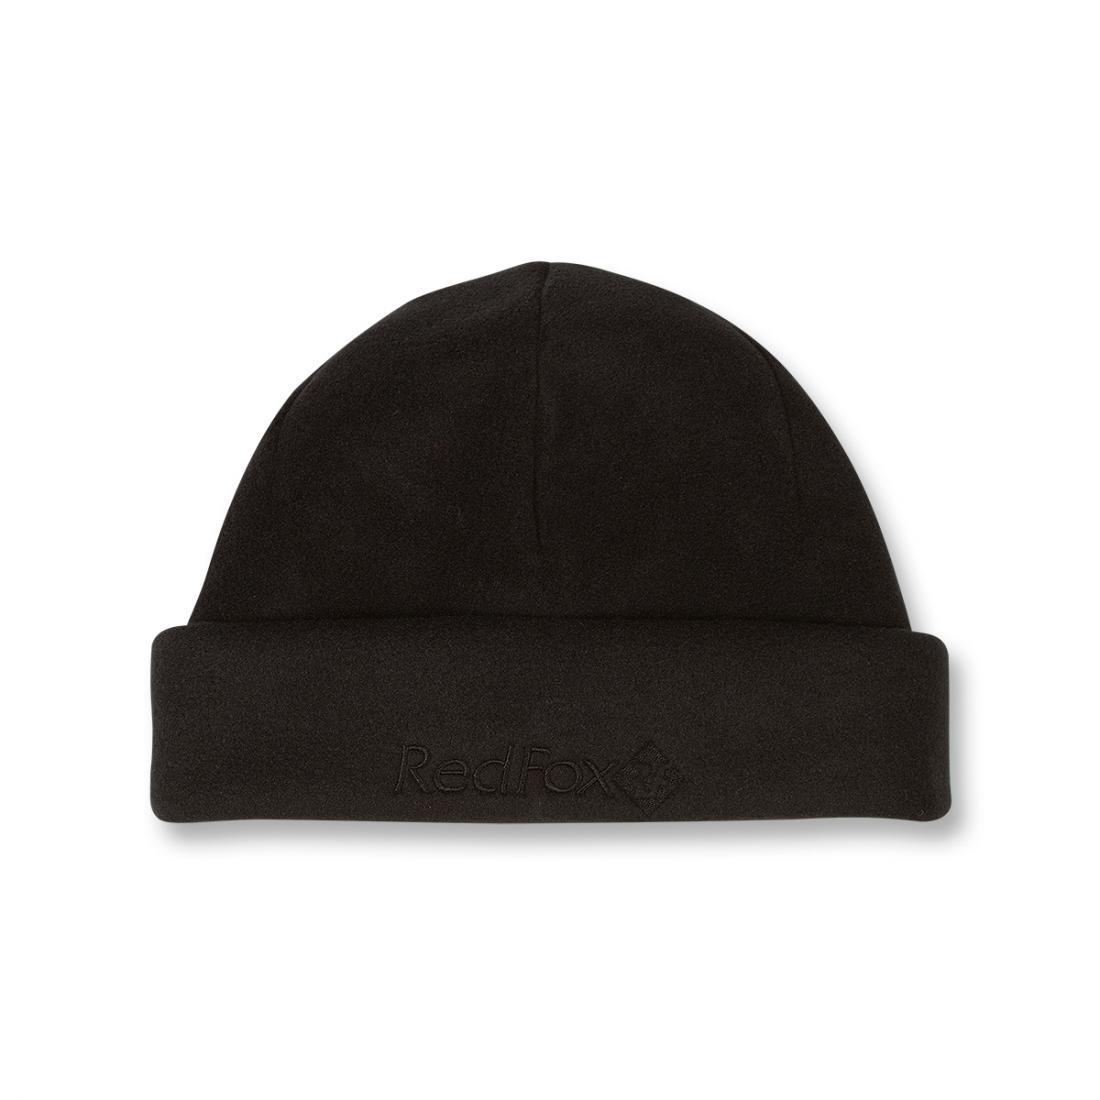 Шапка Polartec ClassicШапки<br><br> Теплая шапка классического дизайна из материала Polartec® 200<br><br><br> Основные характеристики<br><br><br>комфортная посадка<br>эргономичная конструкция кроя<br><br> Особенности<br><br><br><br><br><br>&lt;u...<br><br>Цвет: Черный<br>Размер: 58